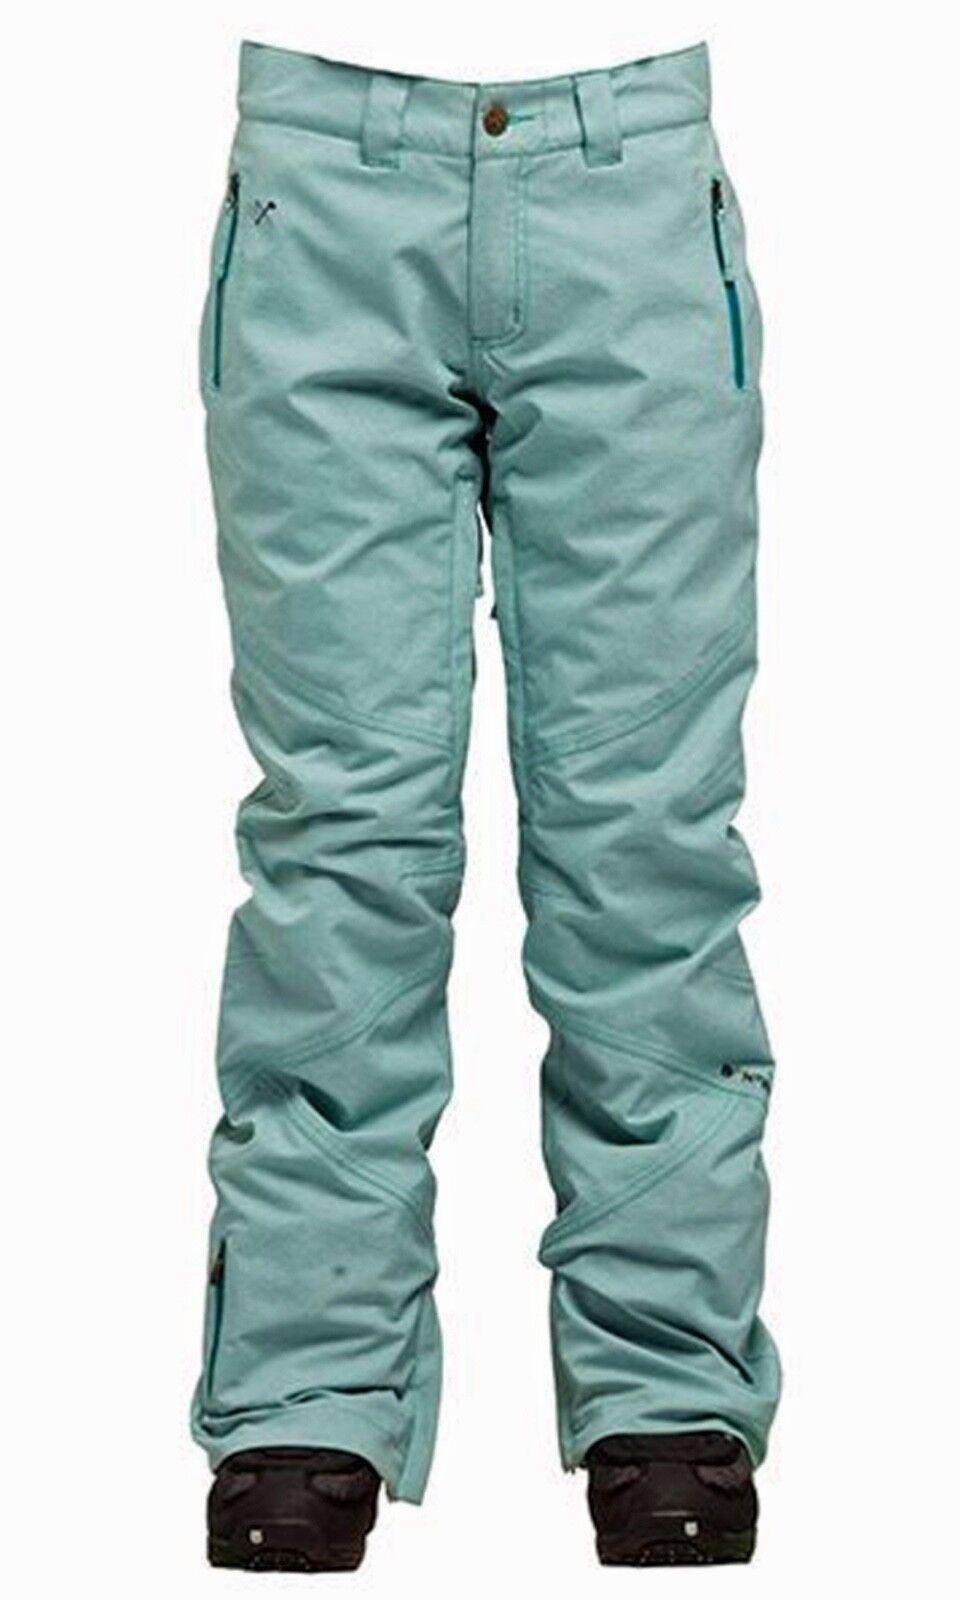 Bonfire Rubis Pantalon Lake Bleu Pantalon de Snowboard GR. XS